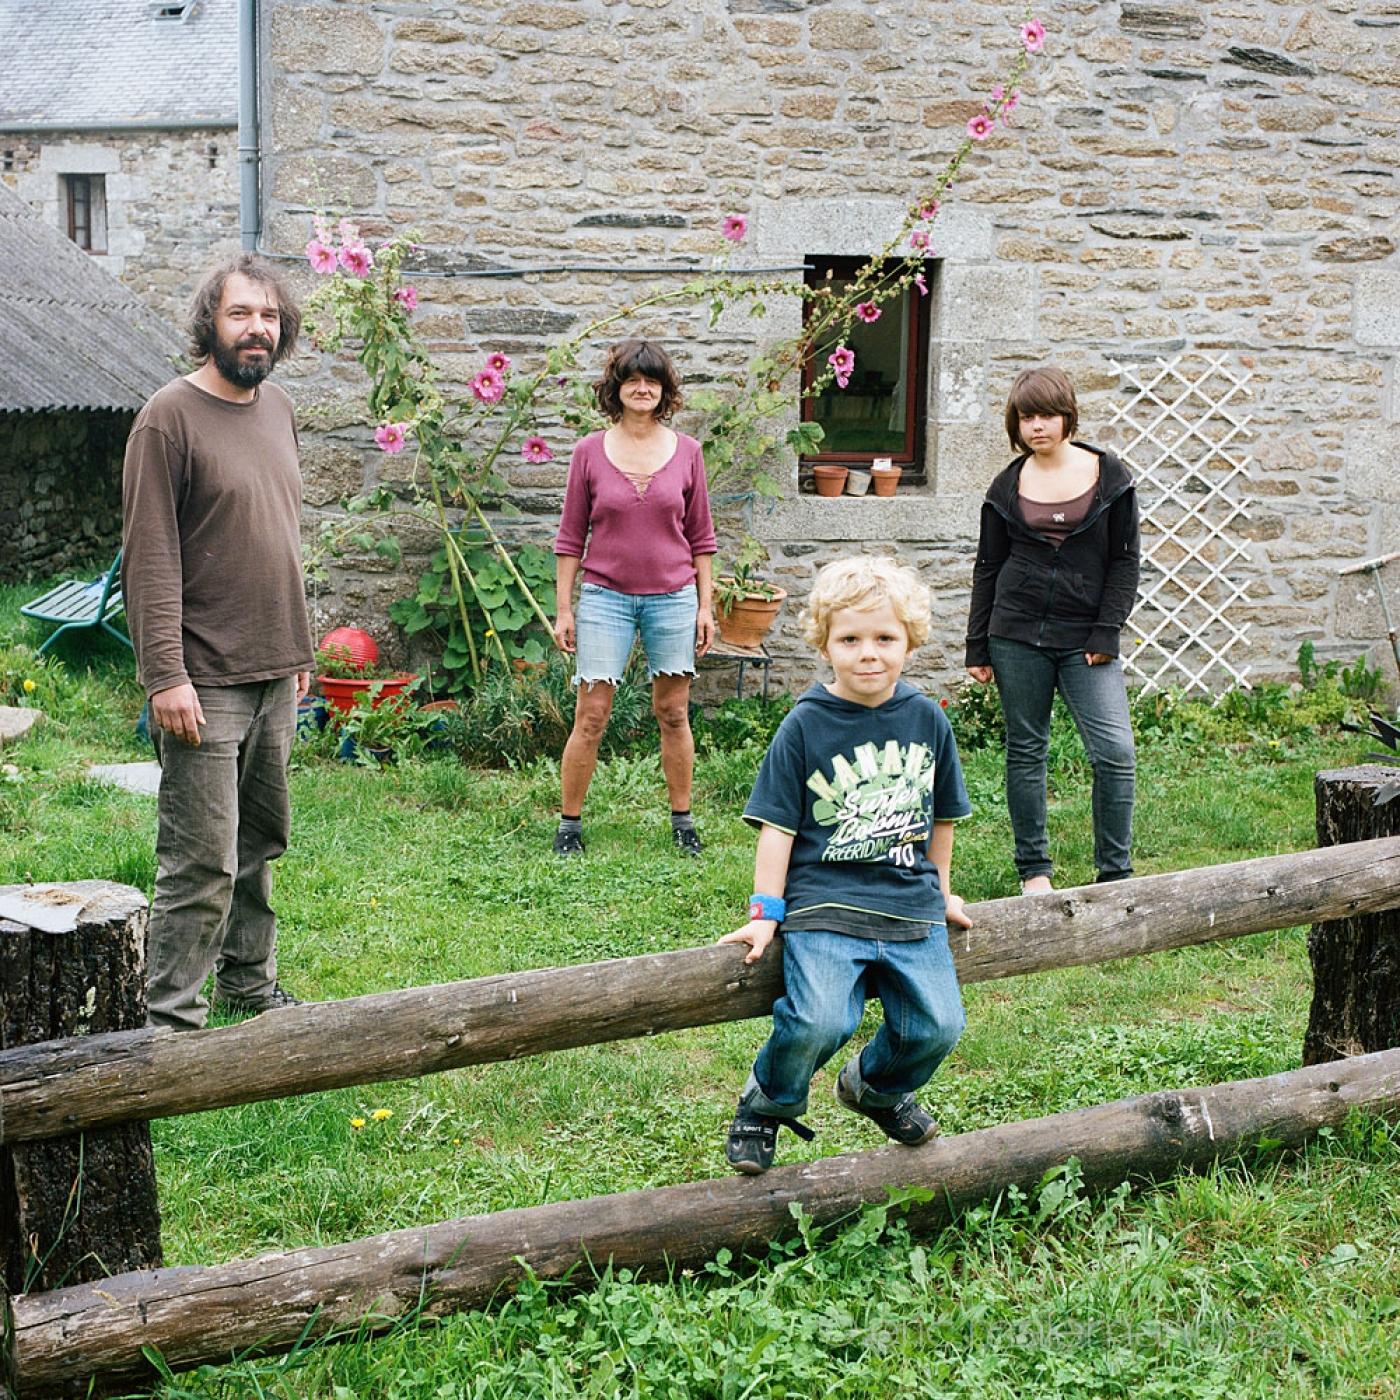 http://www.ericmalemanche.com/imagess/topics/les-bretons-de-l-argoat/liste/Bretons-Malemanche-006.jpg